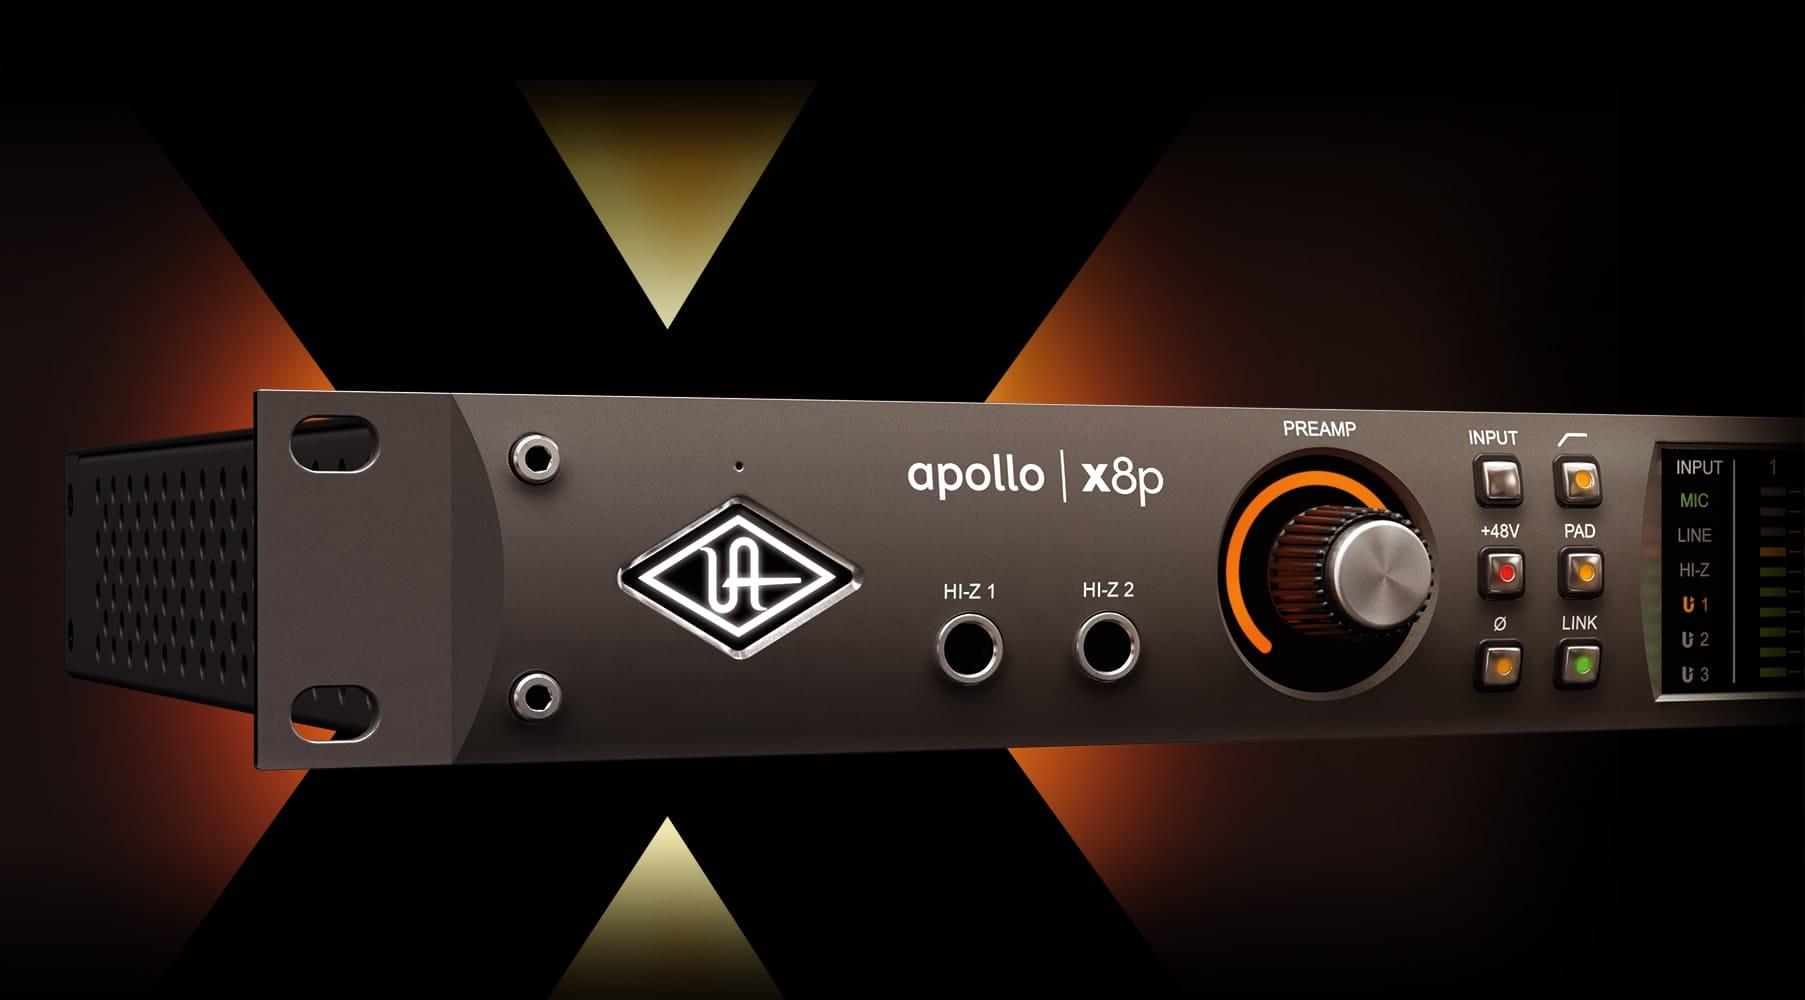 Apollo x8p